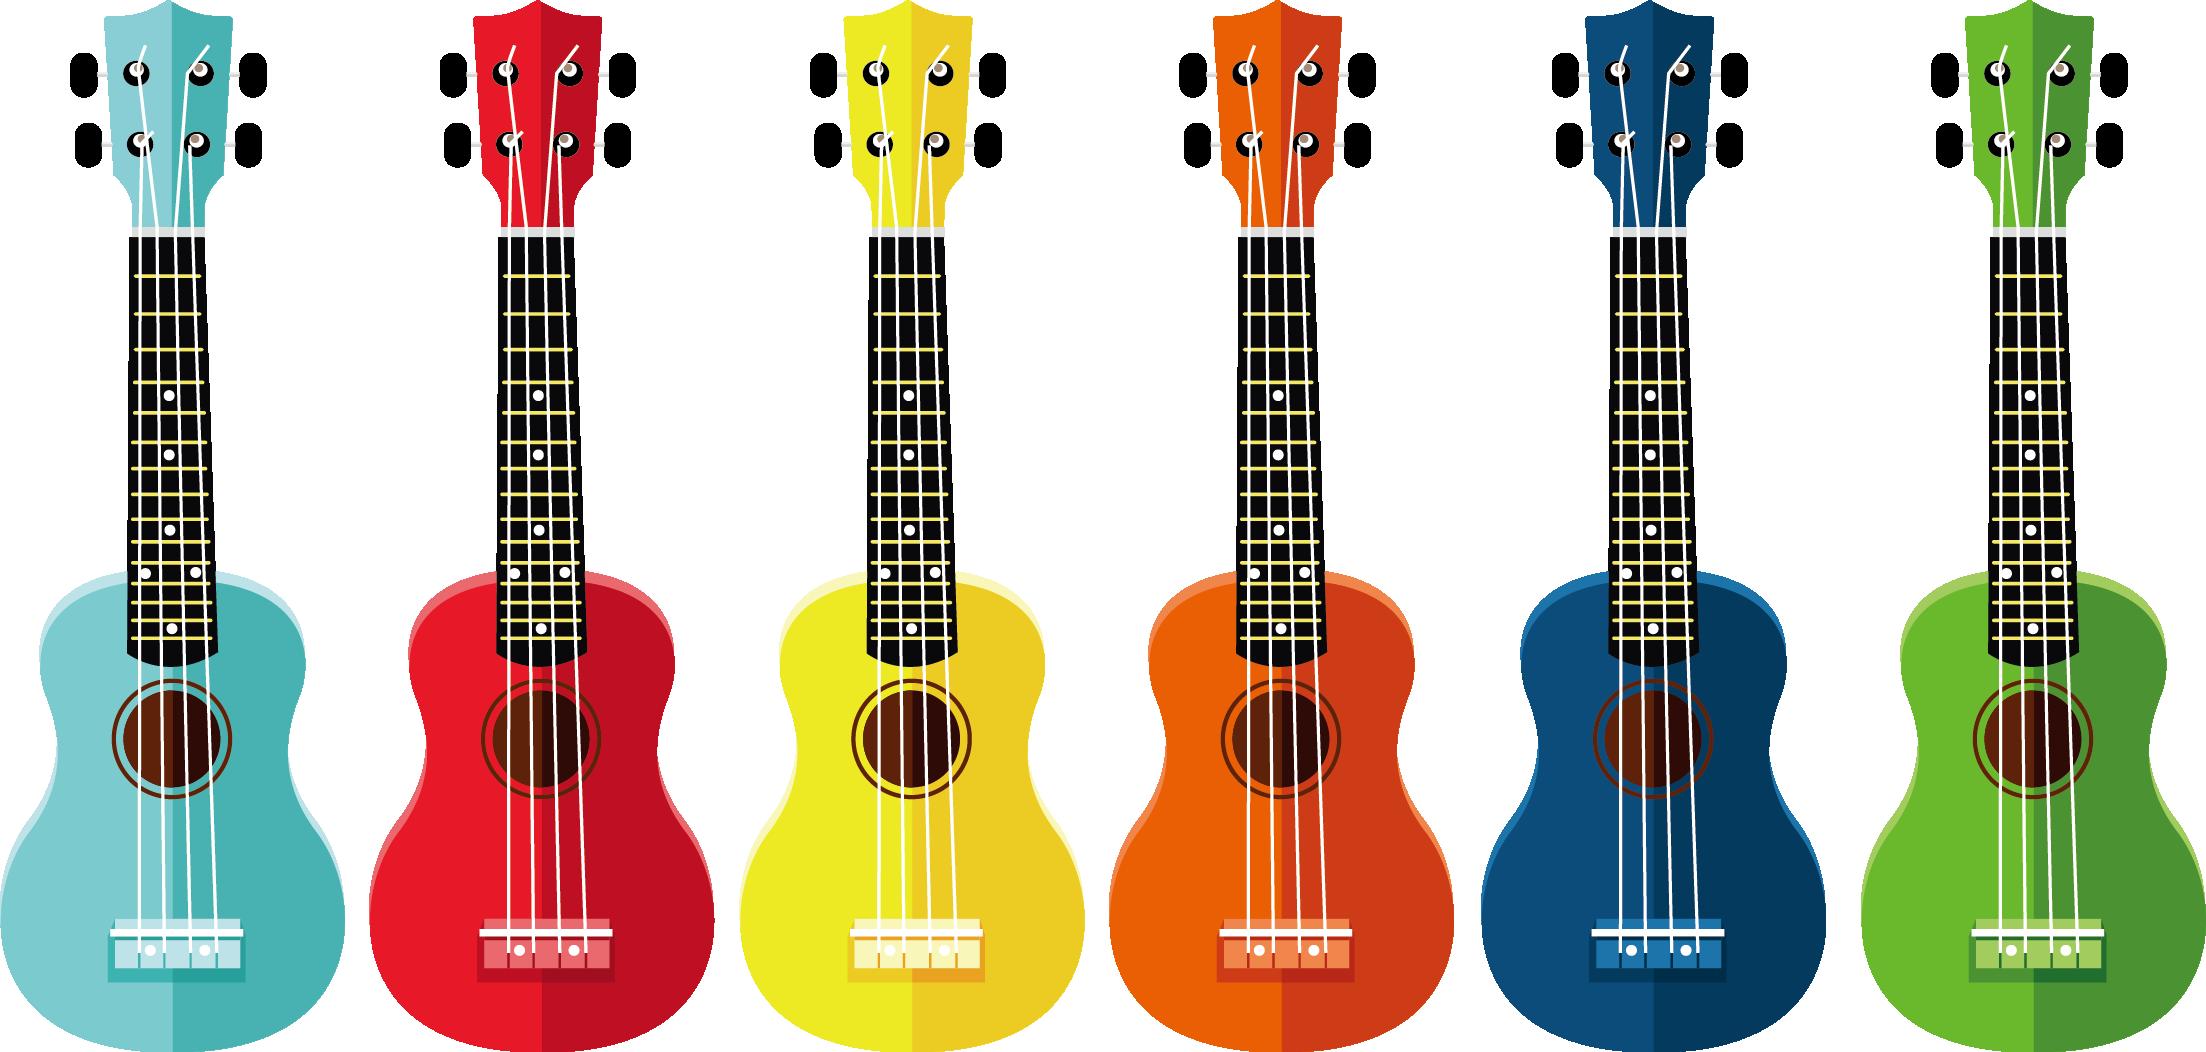 Clipart guitar cuatro. Ukulele drawing clip art